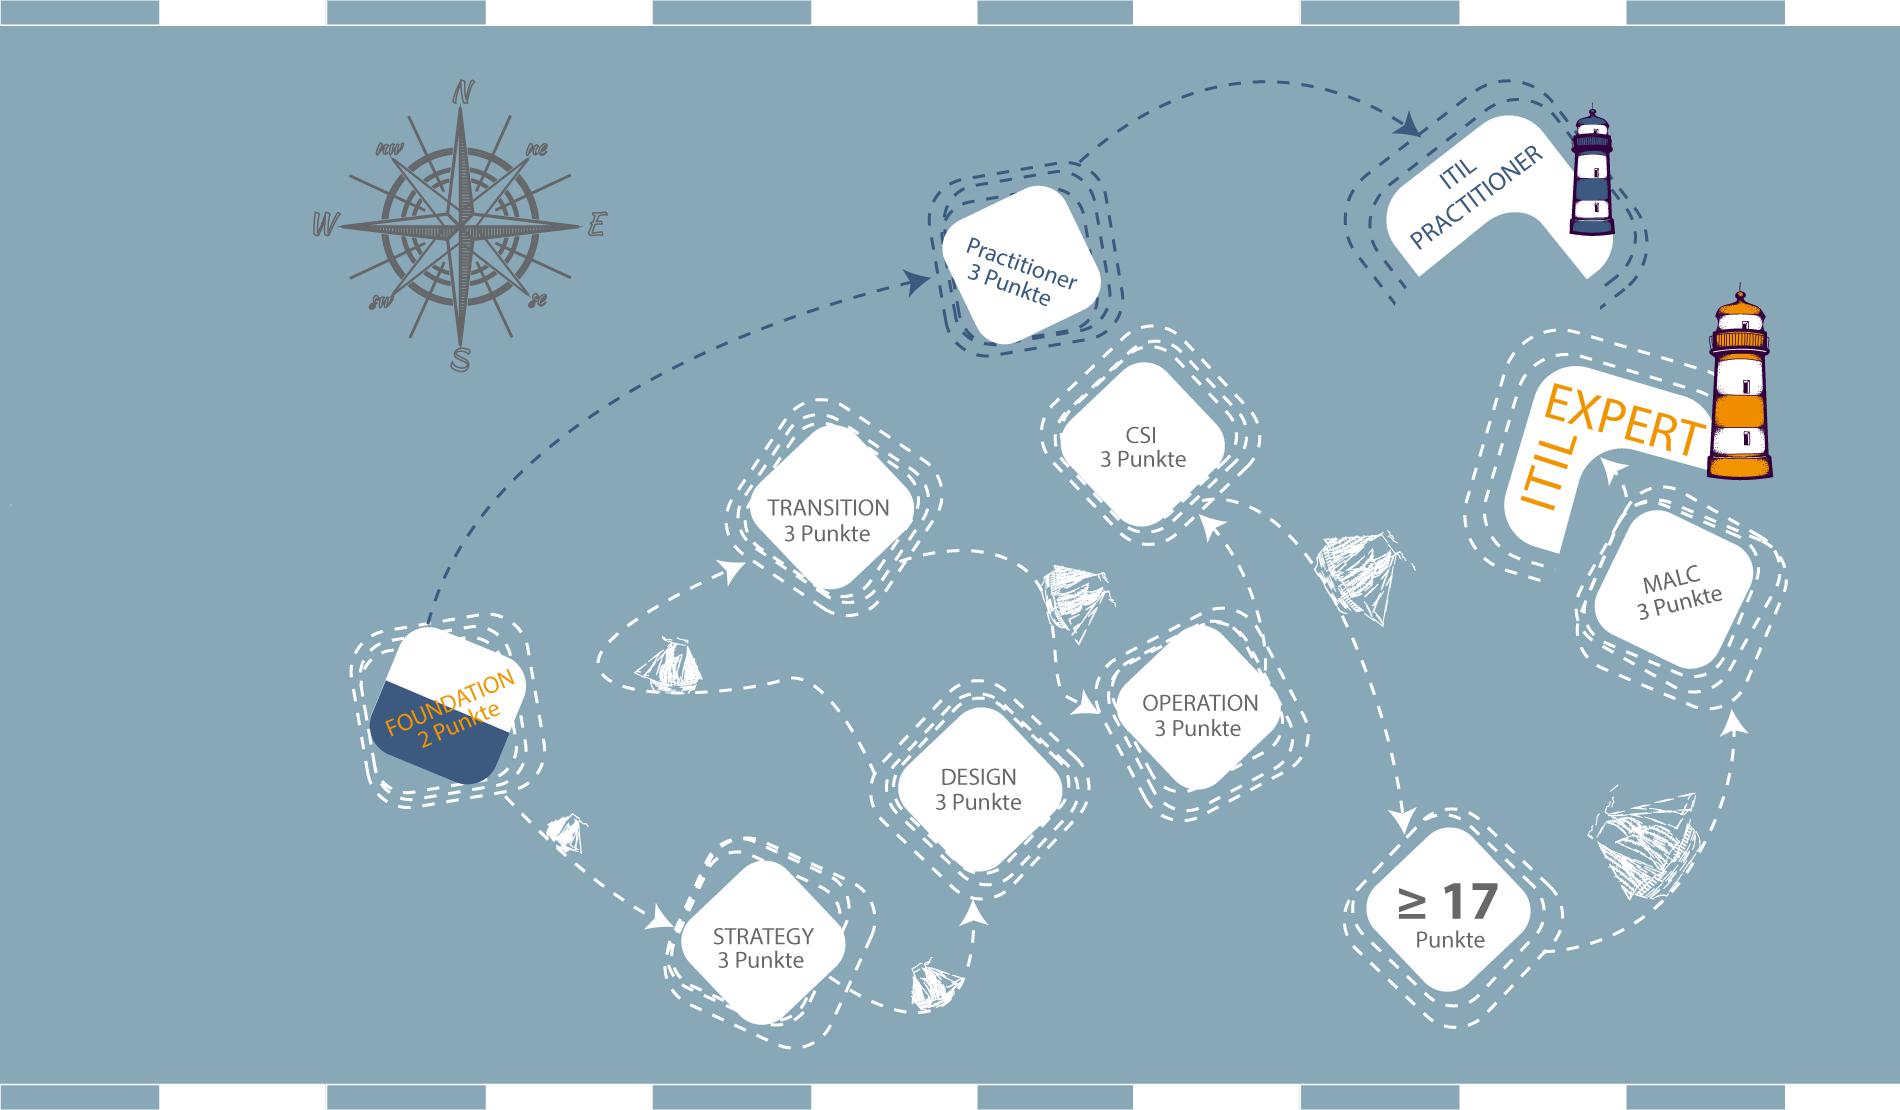 die Route zum ITIL Expert bei ITSM Partner